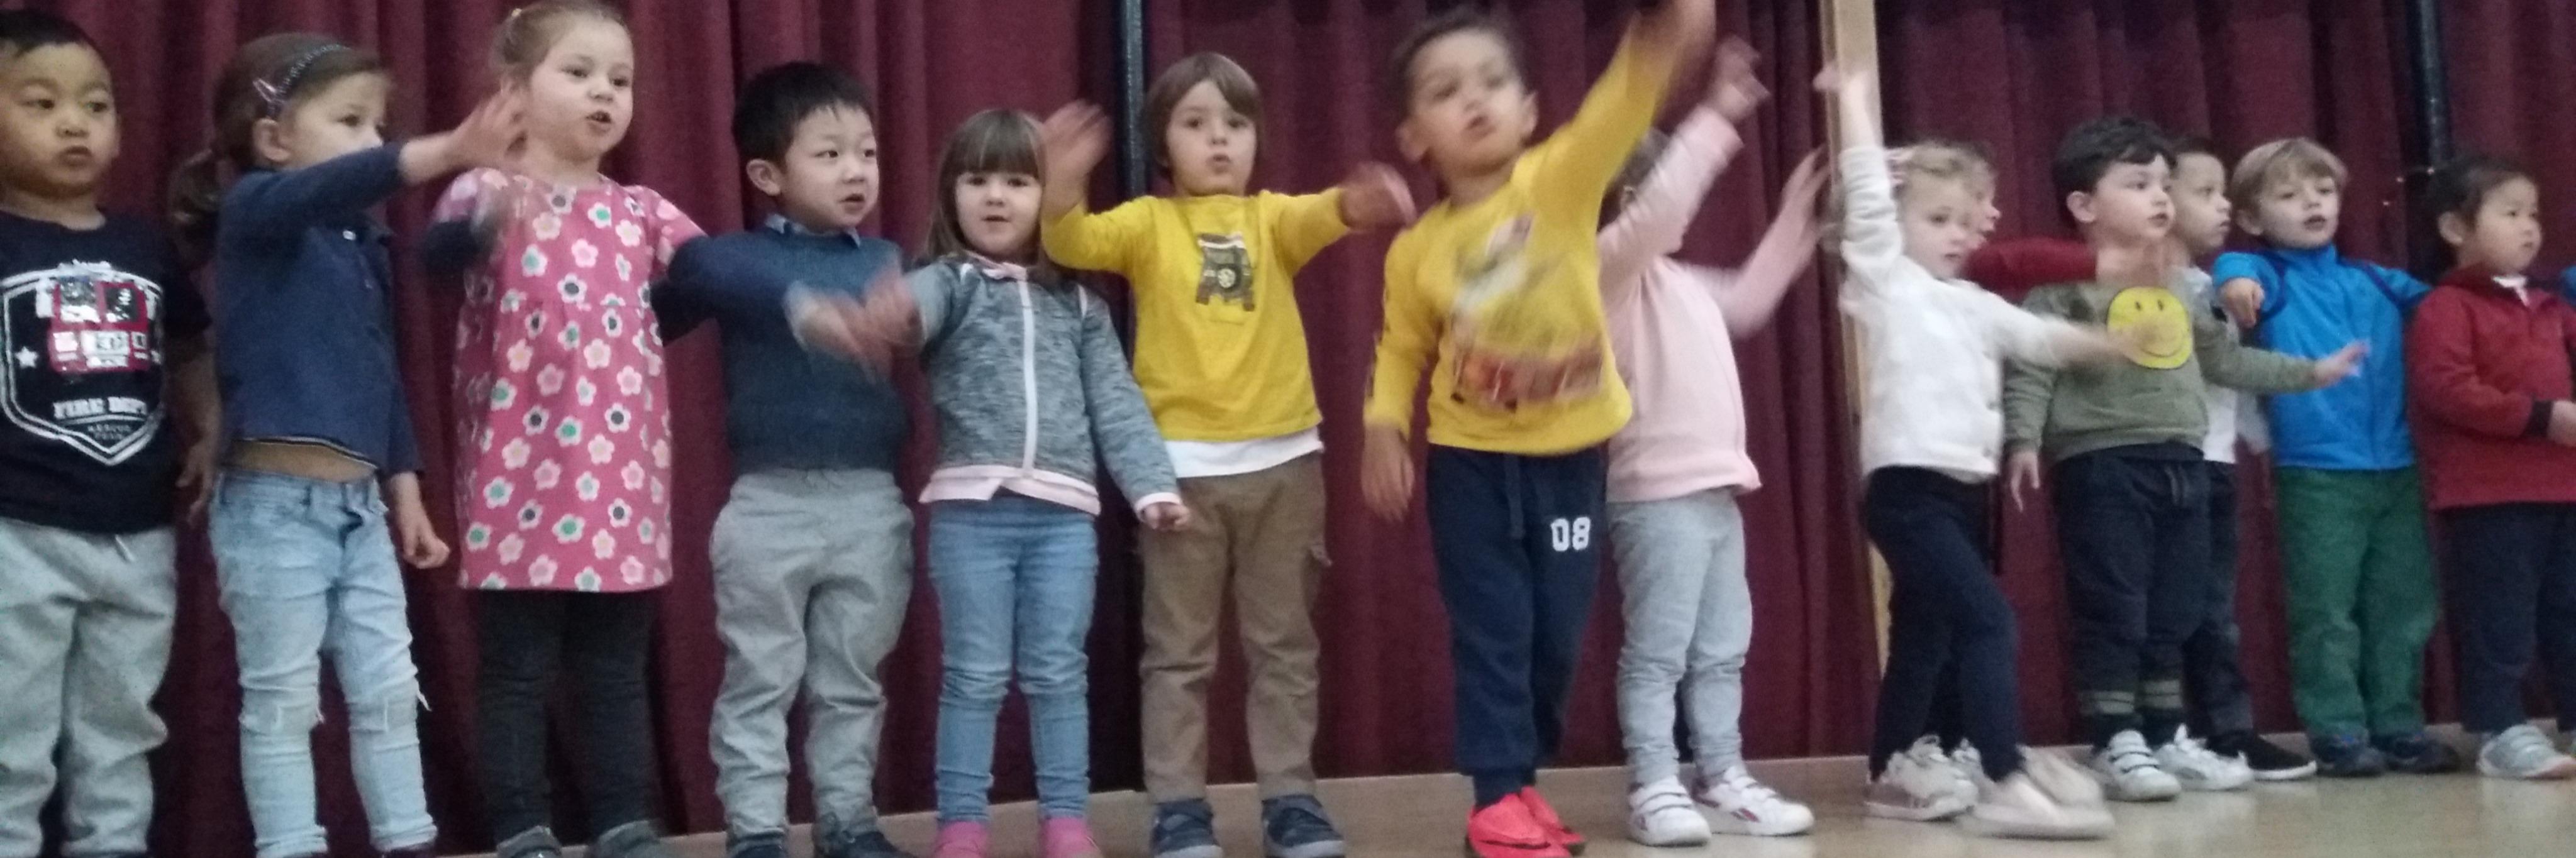 """""""El Coro de las Emociones"""" en Educación Infantil con """"L' Estro Armonico"""""""